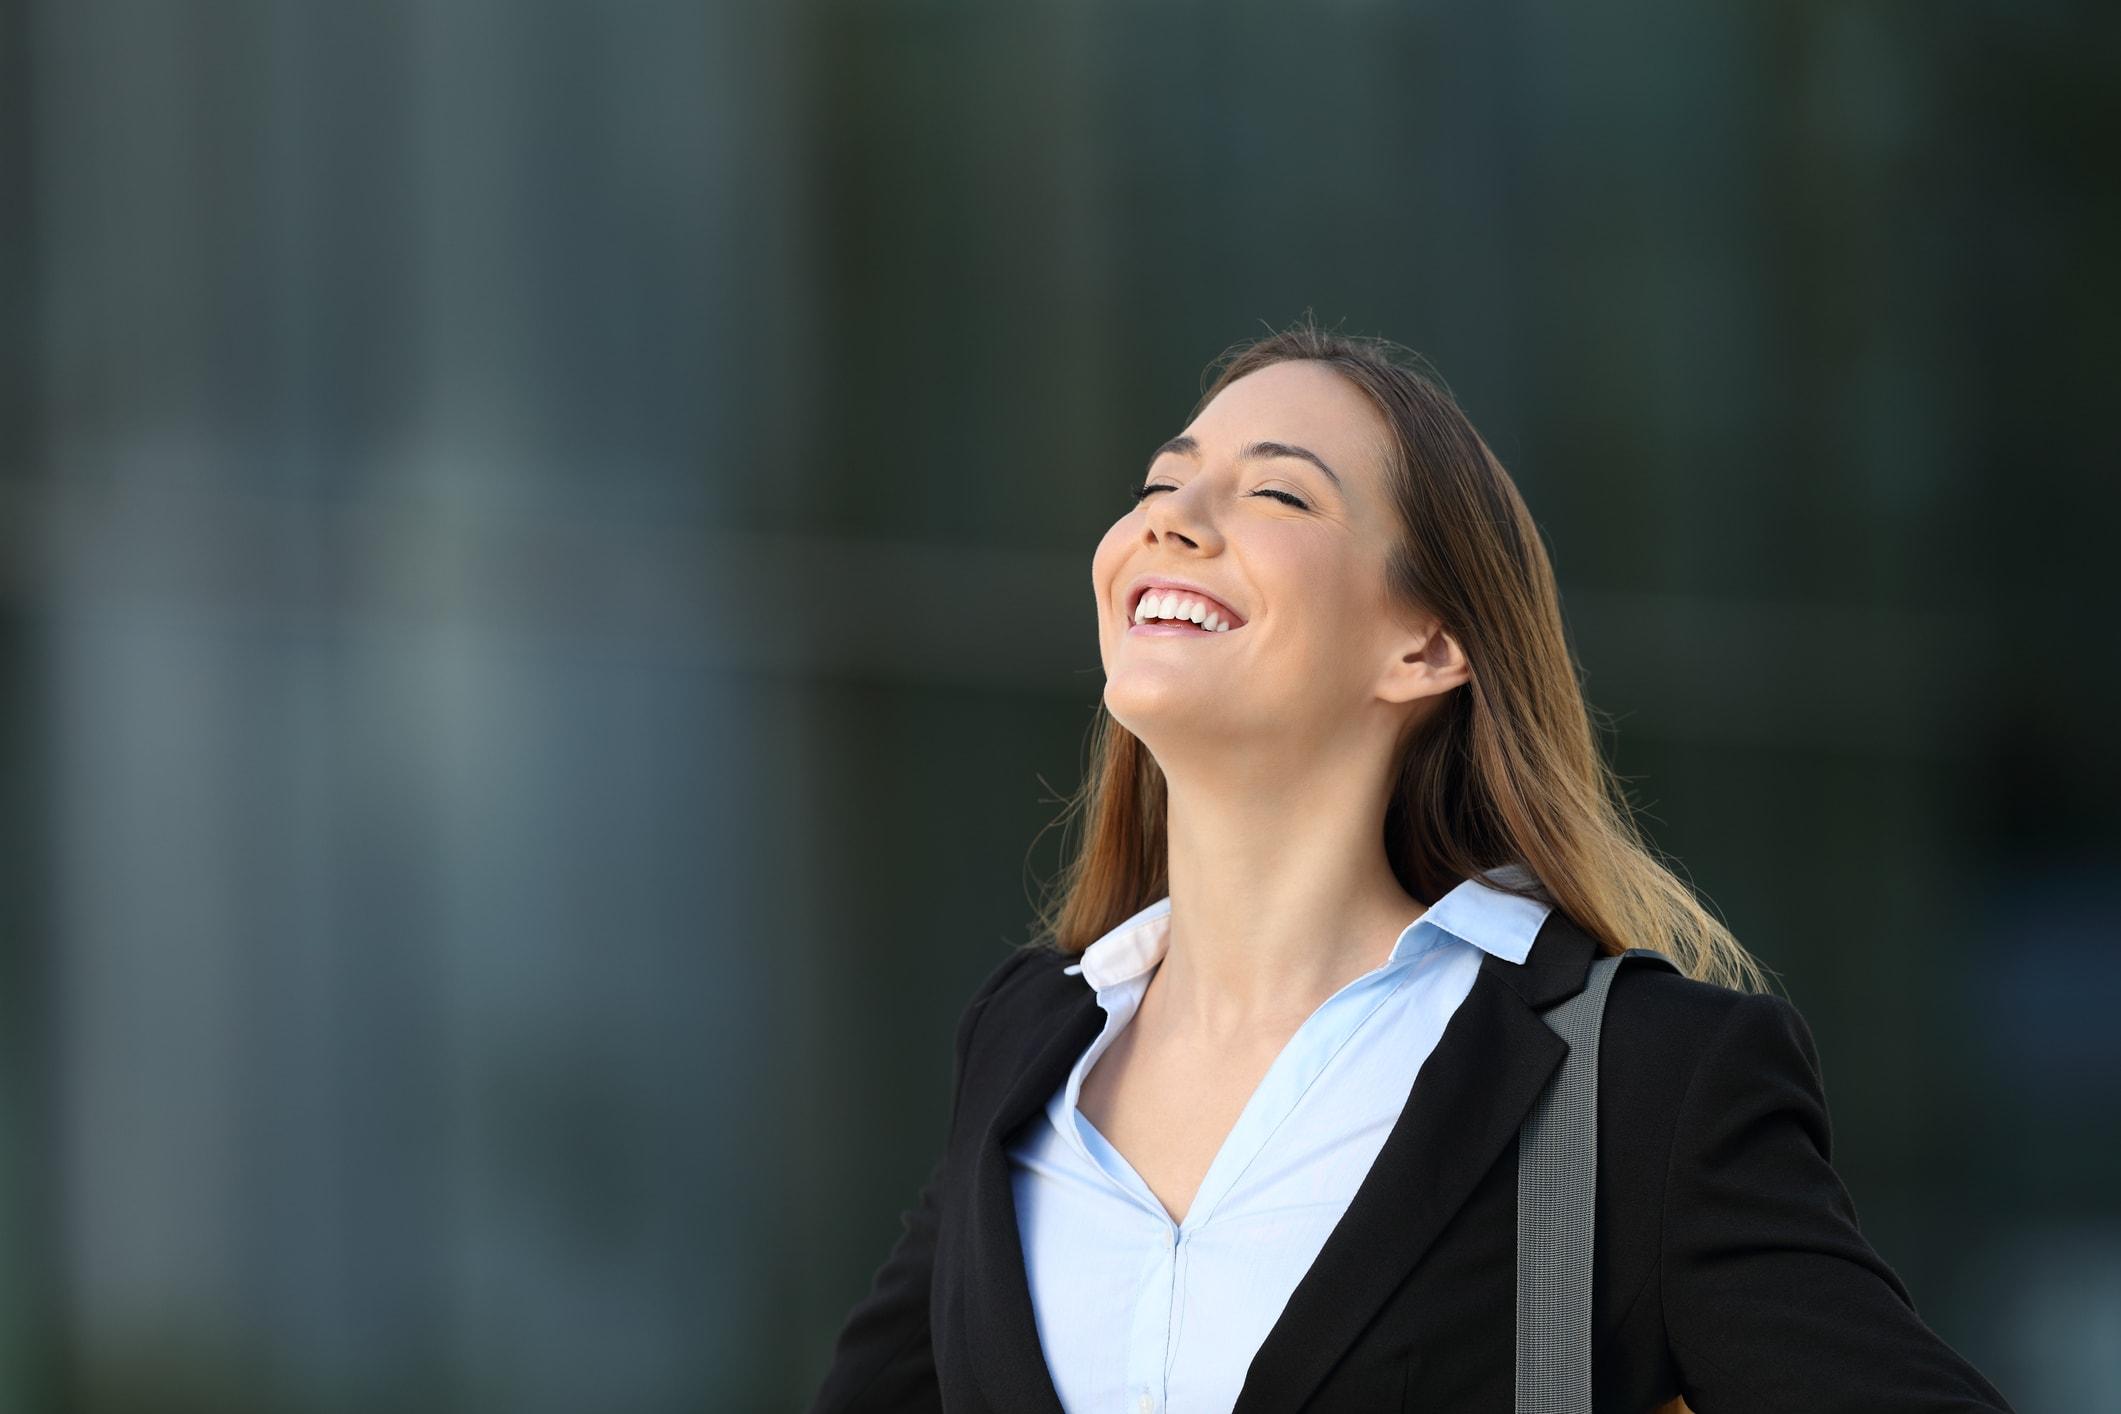 Zufriedene Frau